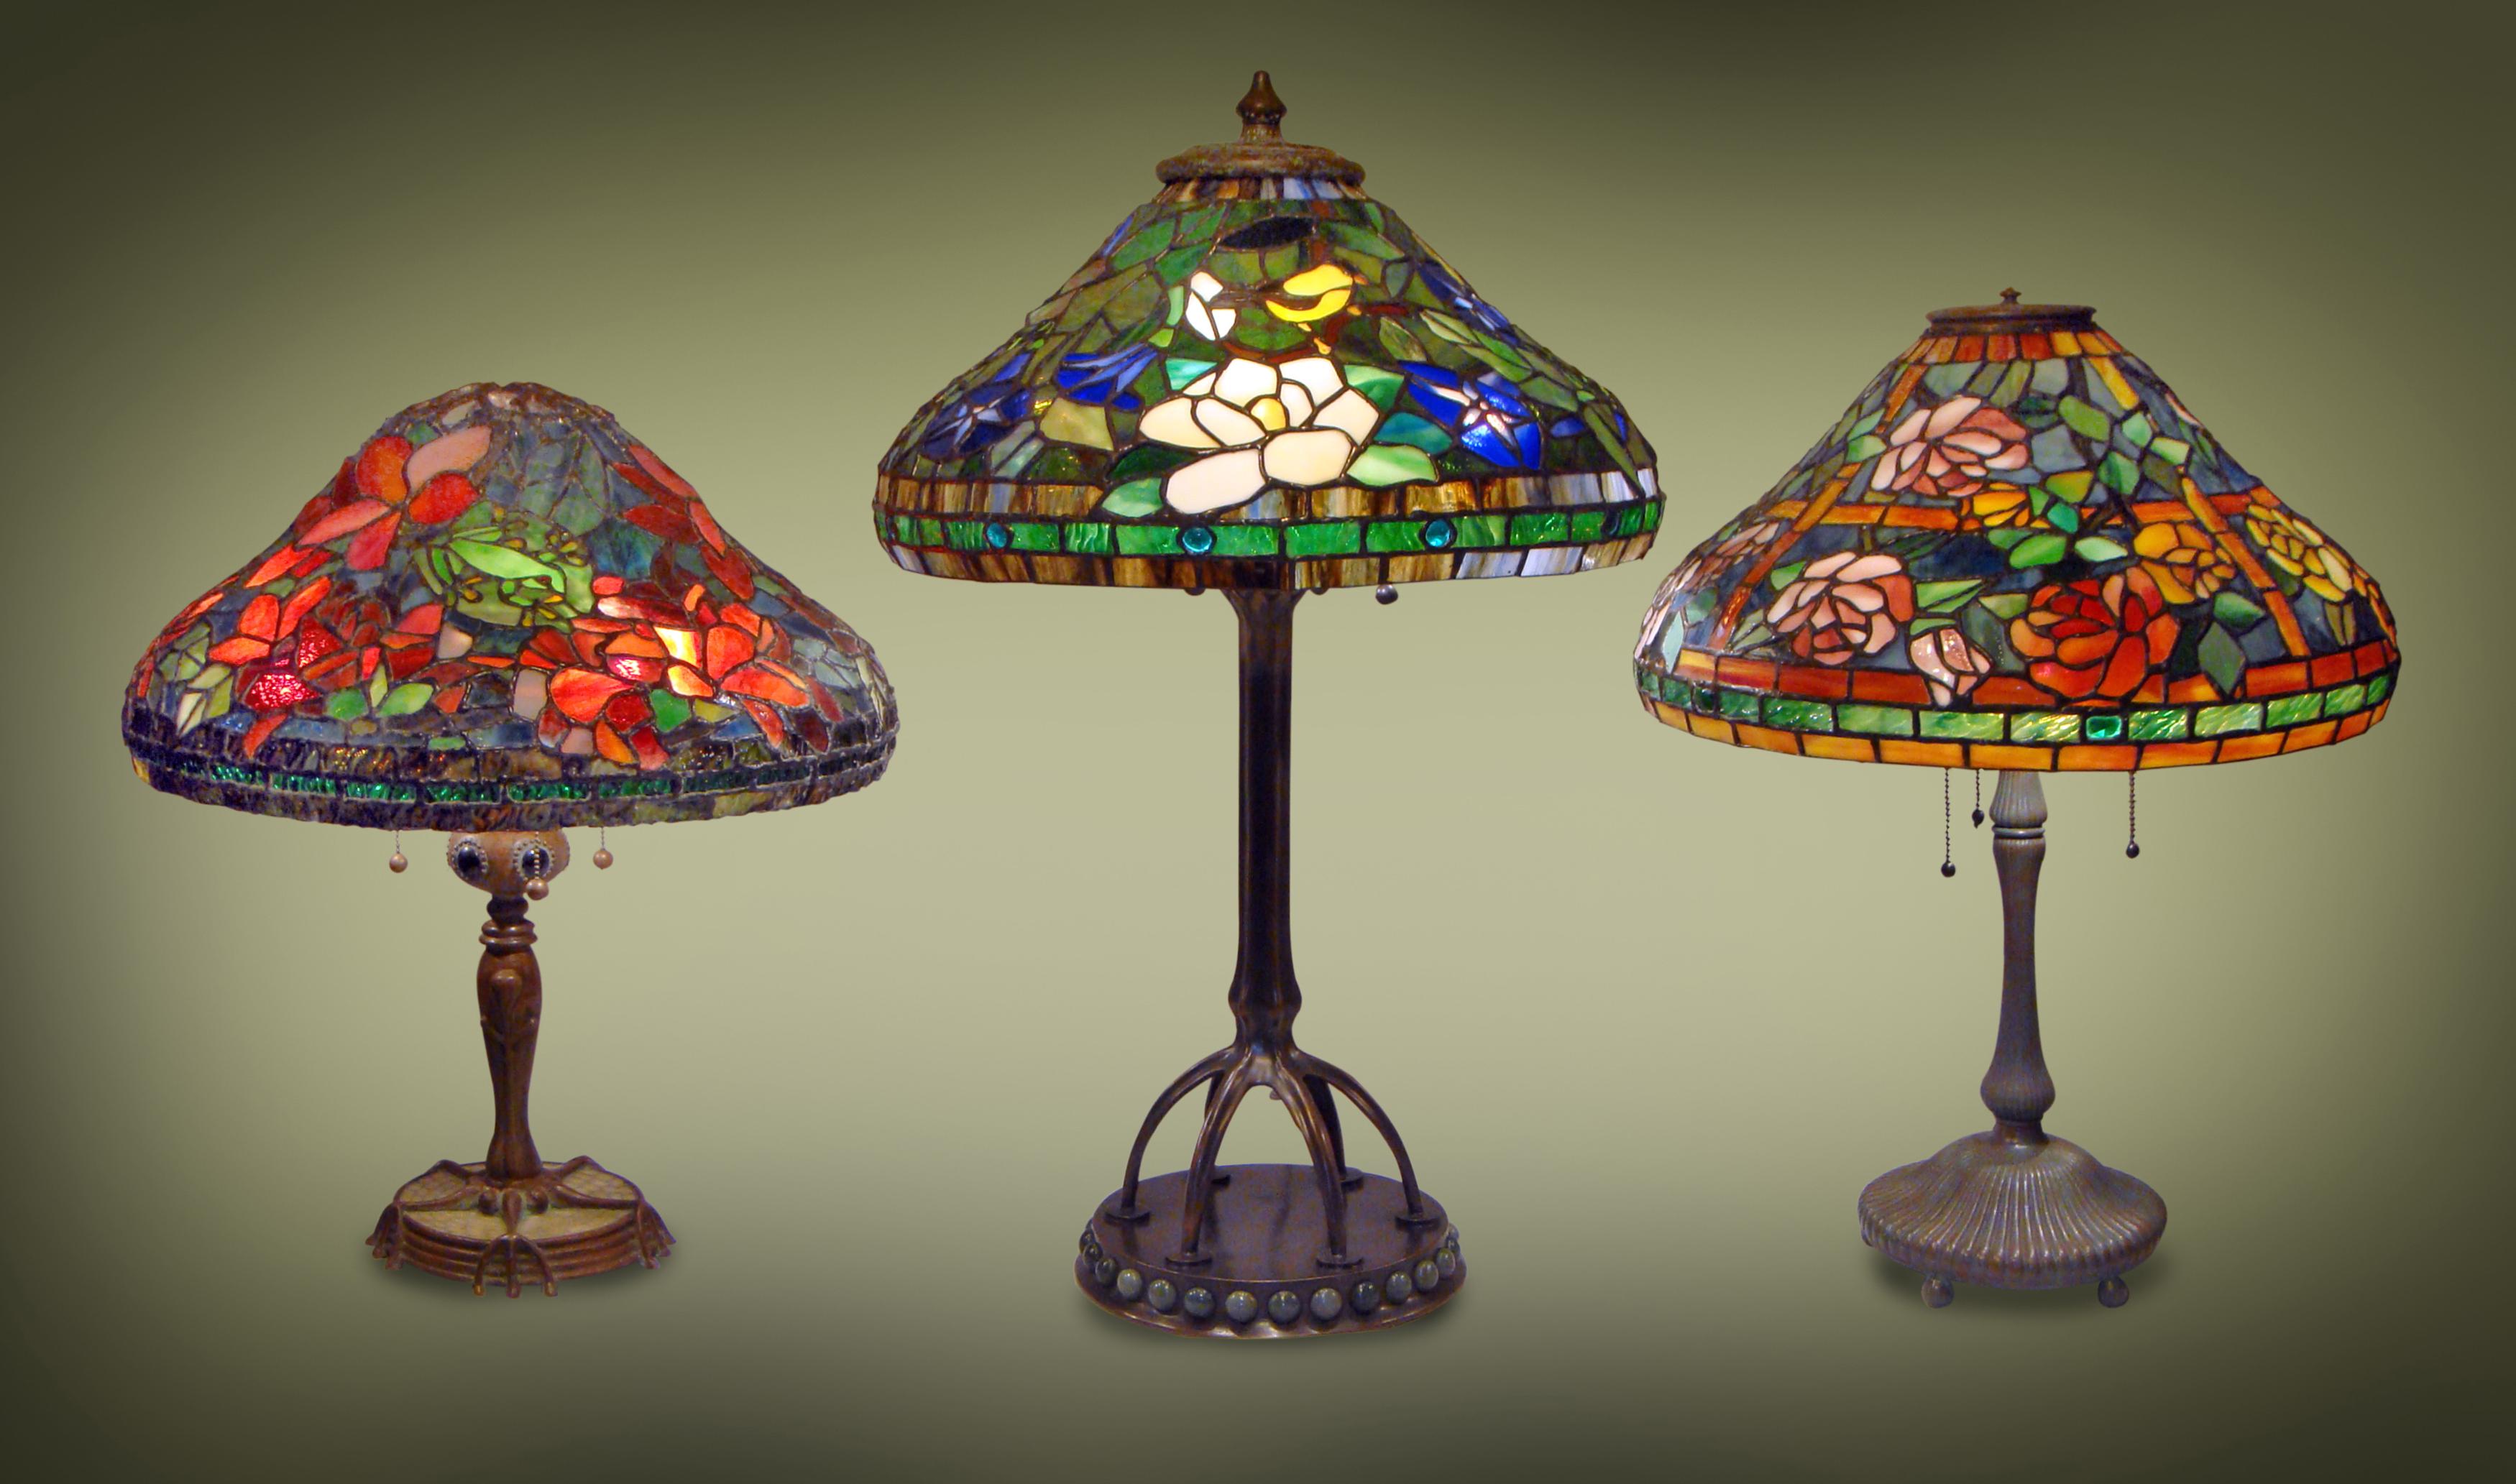 Unique original designs by PRESTON STUDIOS